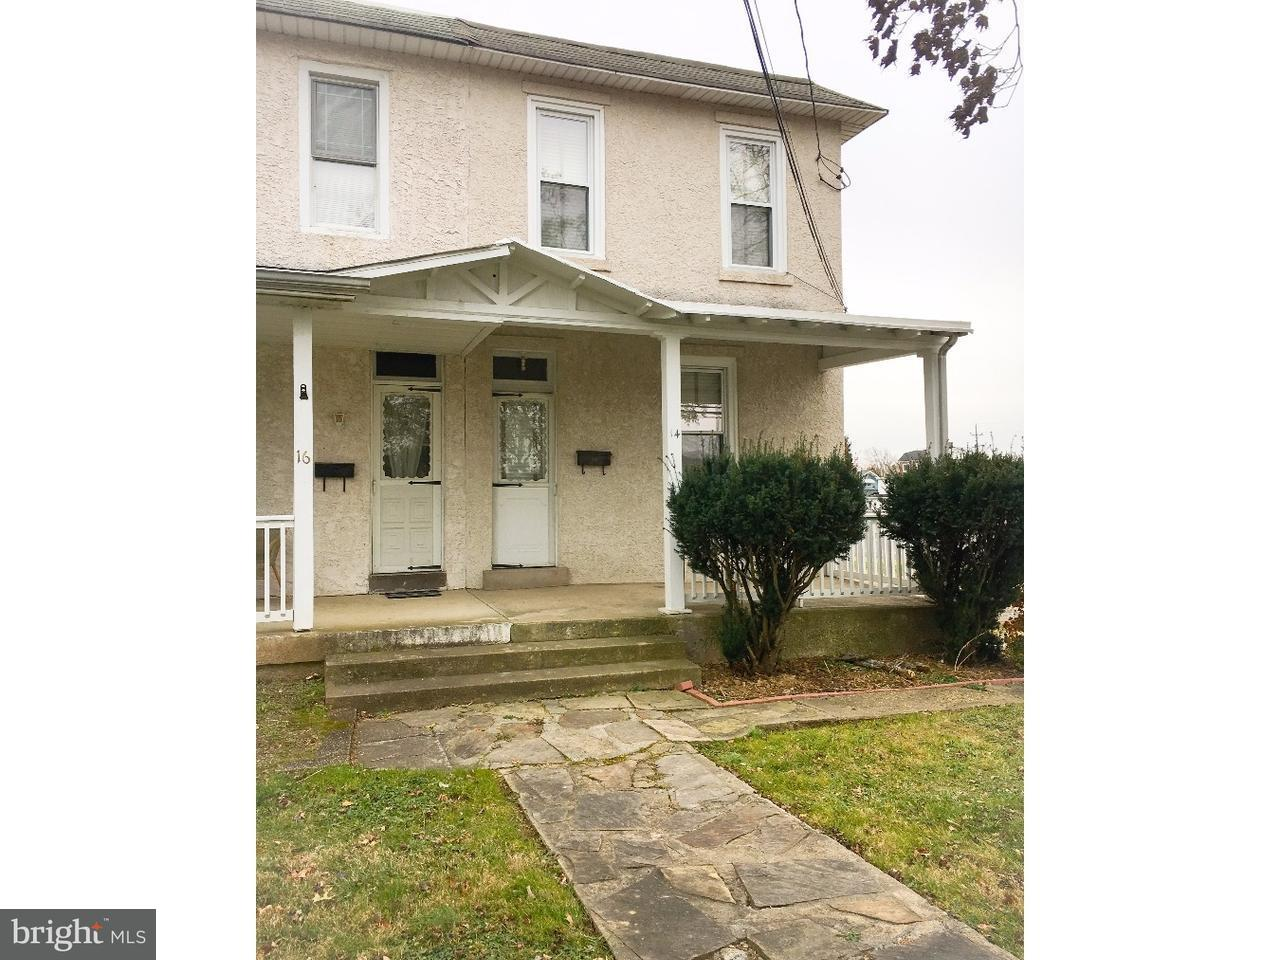 Casa unifamiliar adosada (Townhouse) por un Alquiler en 14 N SCHUYLKILL Avenue Eagleville, Pennsylvania 19403 Estados Unidos